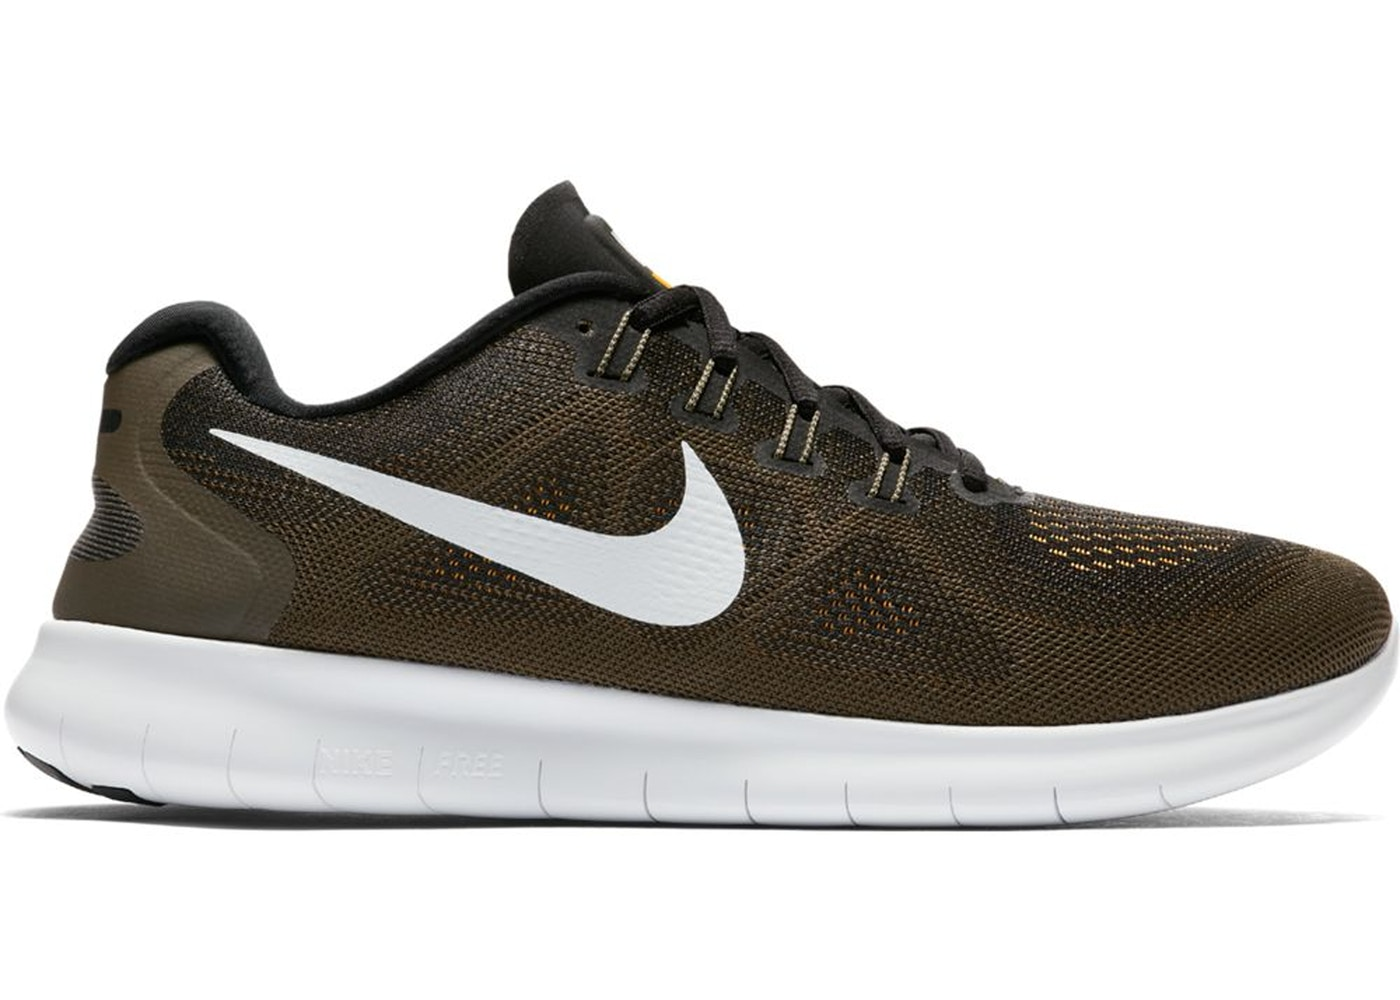 Nike Free RN 2017 Black Off White Cargo Khaki - 880839-008